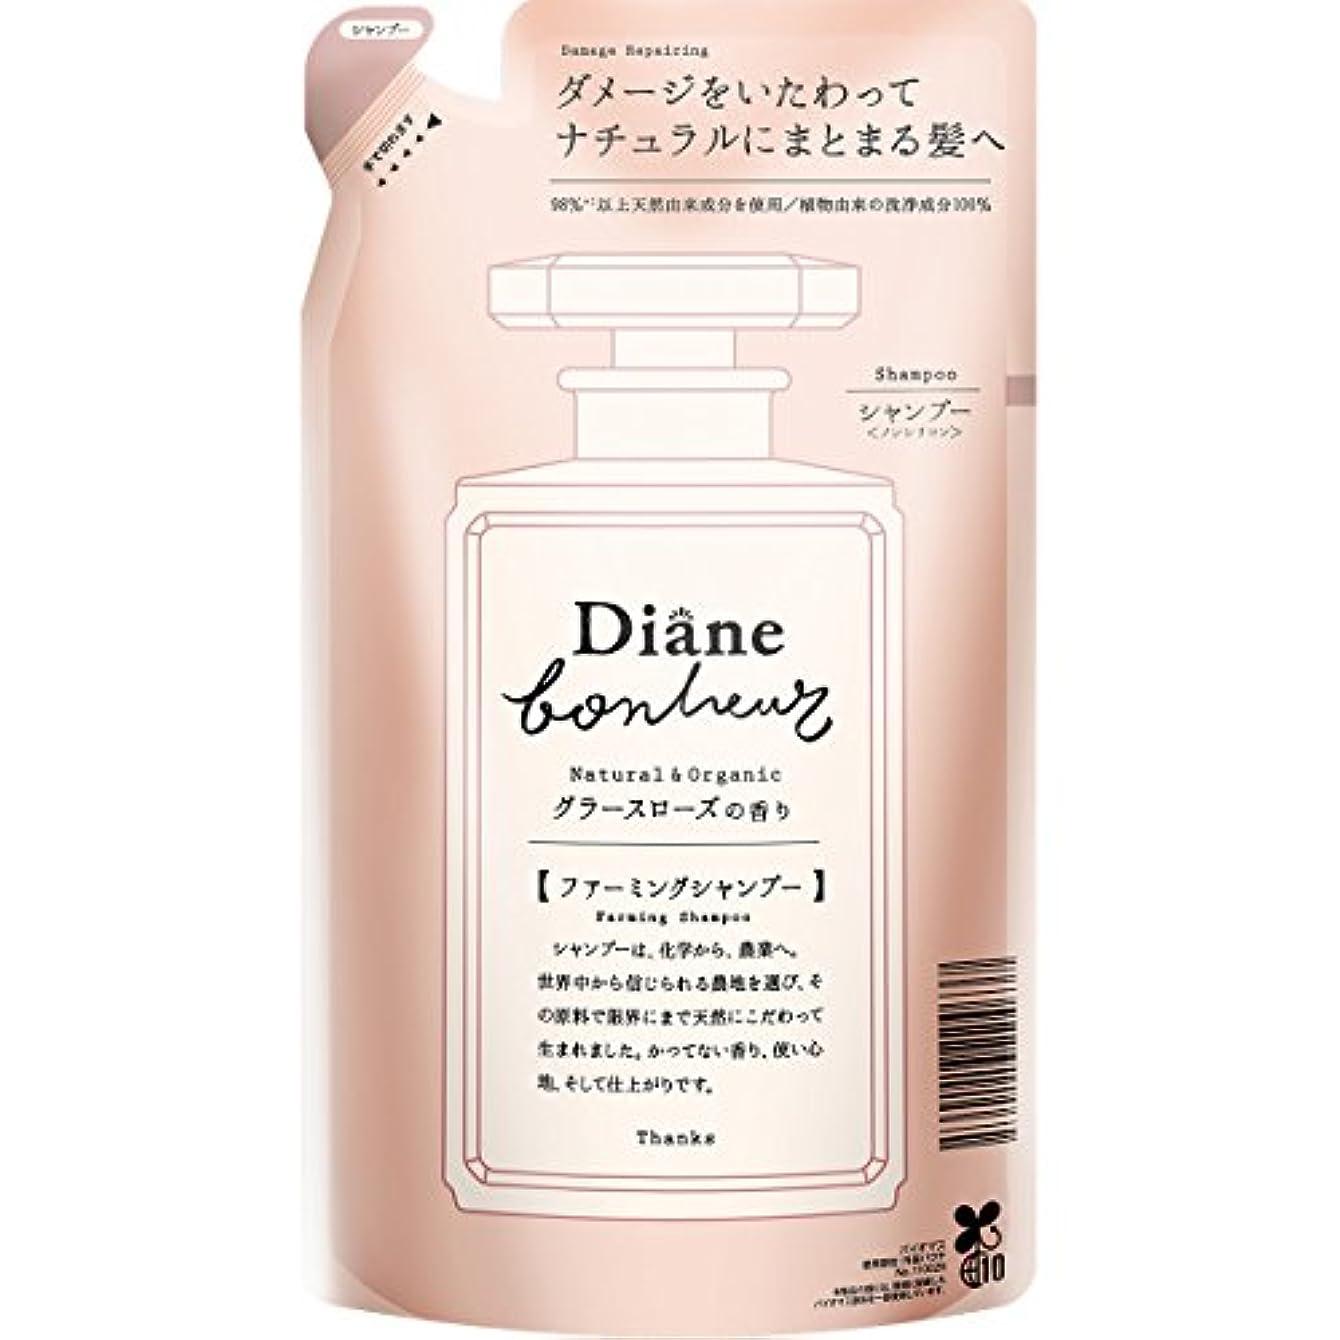 植物学ターゲットおとこダイアン ボヌール グラースローズの香り ダメージリペア シャンプー 詰め替え 400ml